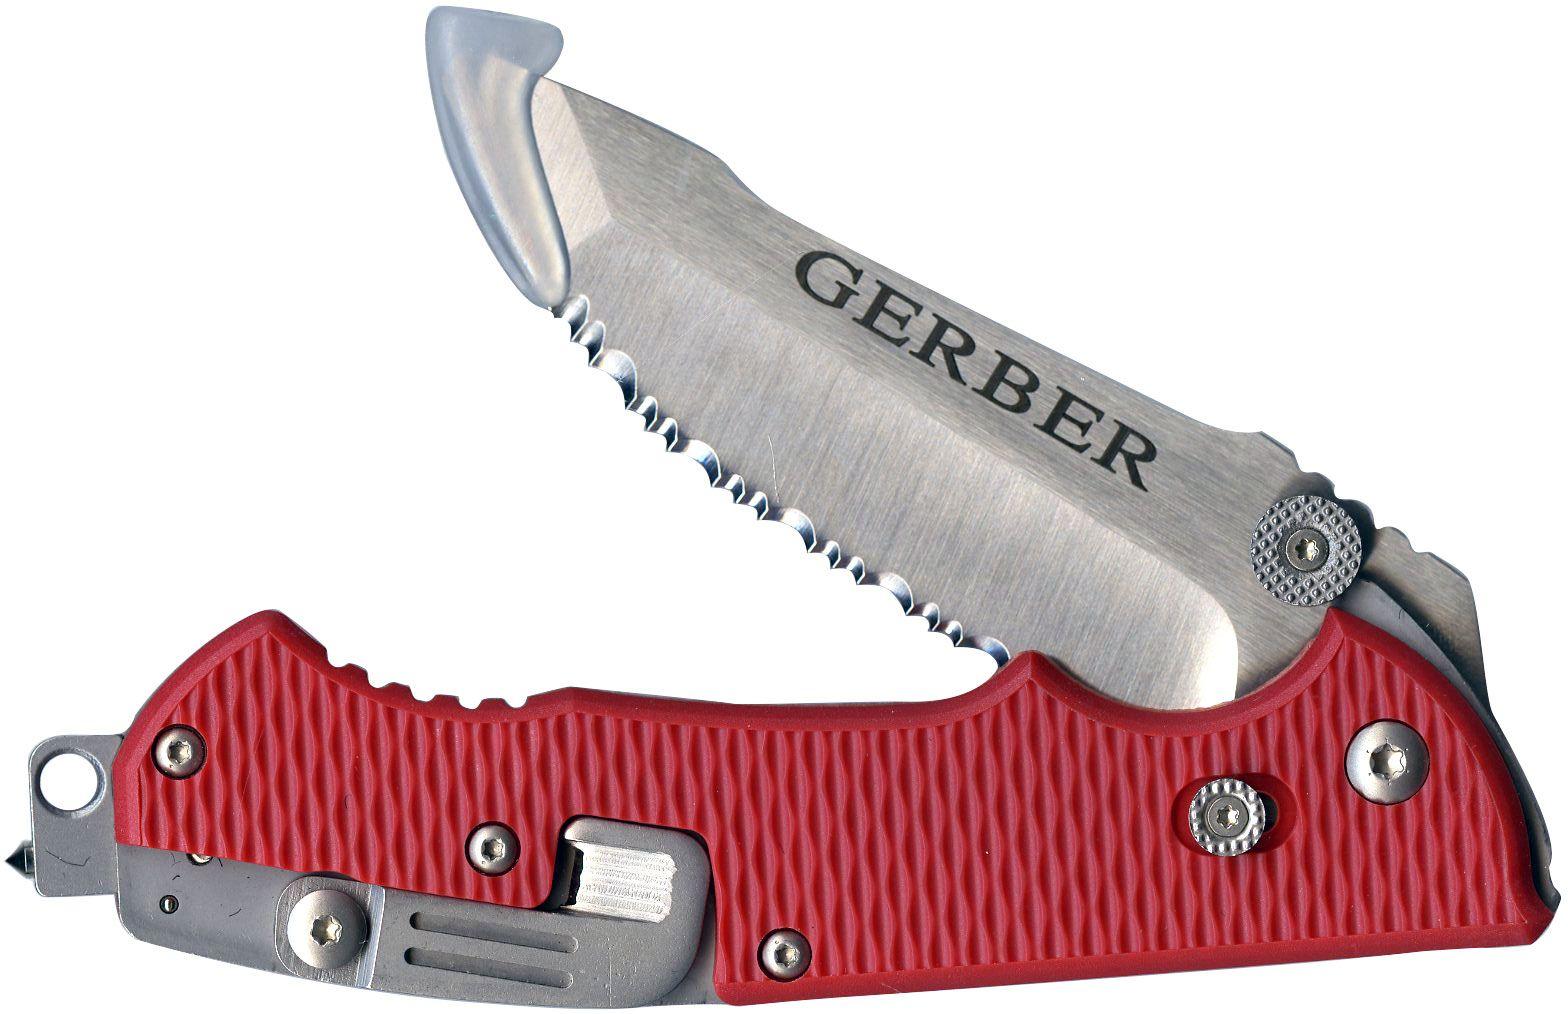 Gerber Hinderer Rescue Knife 3.5